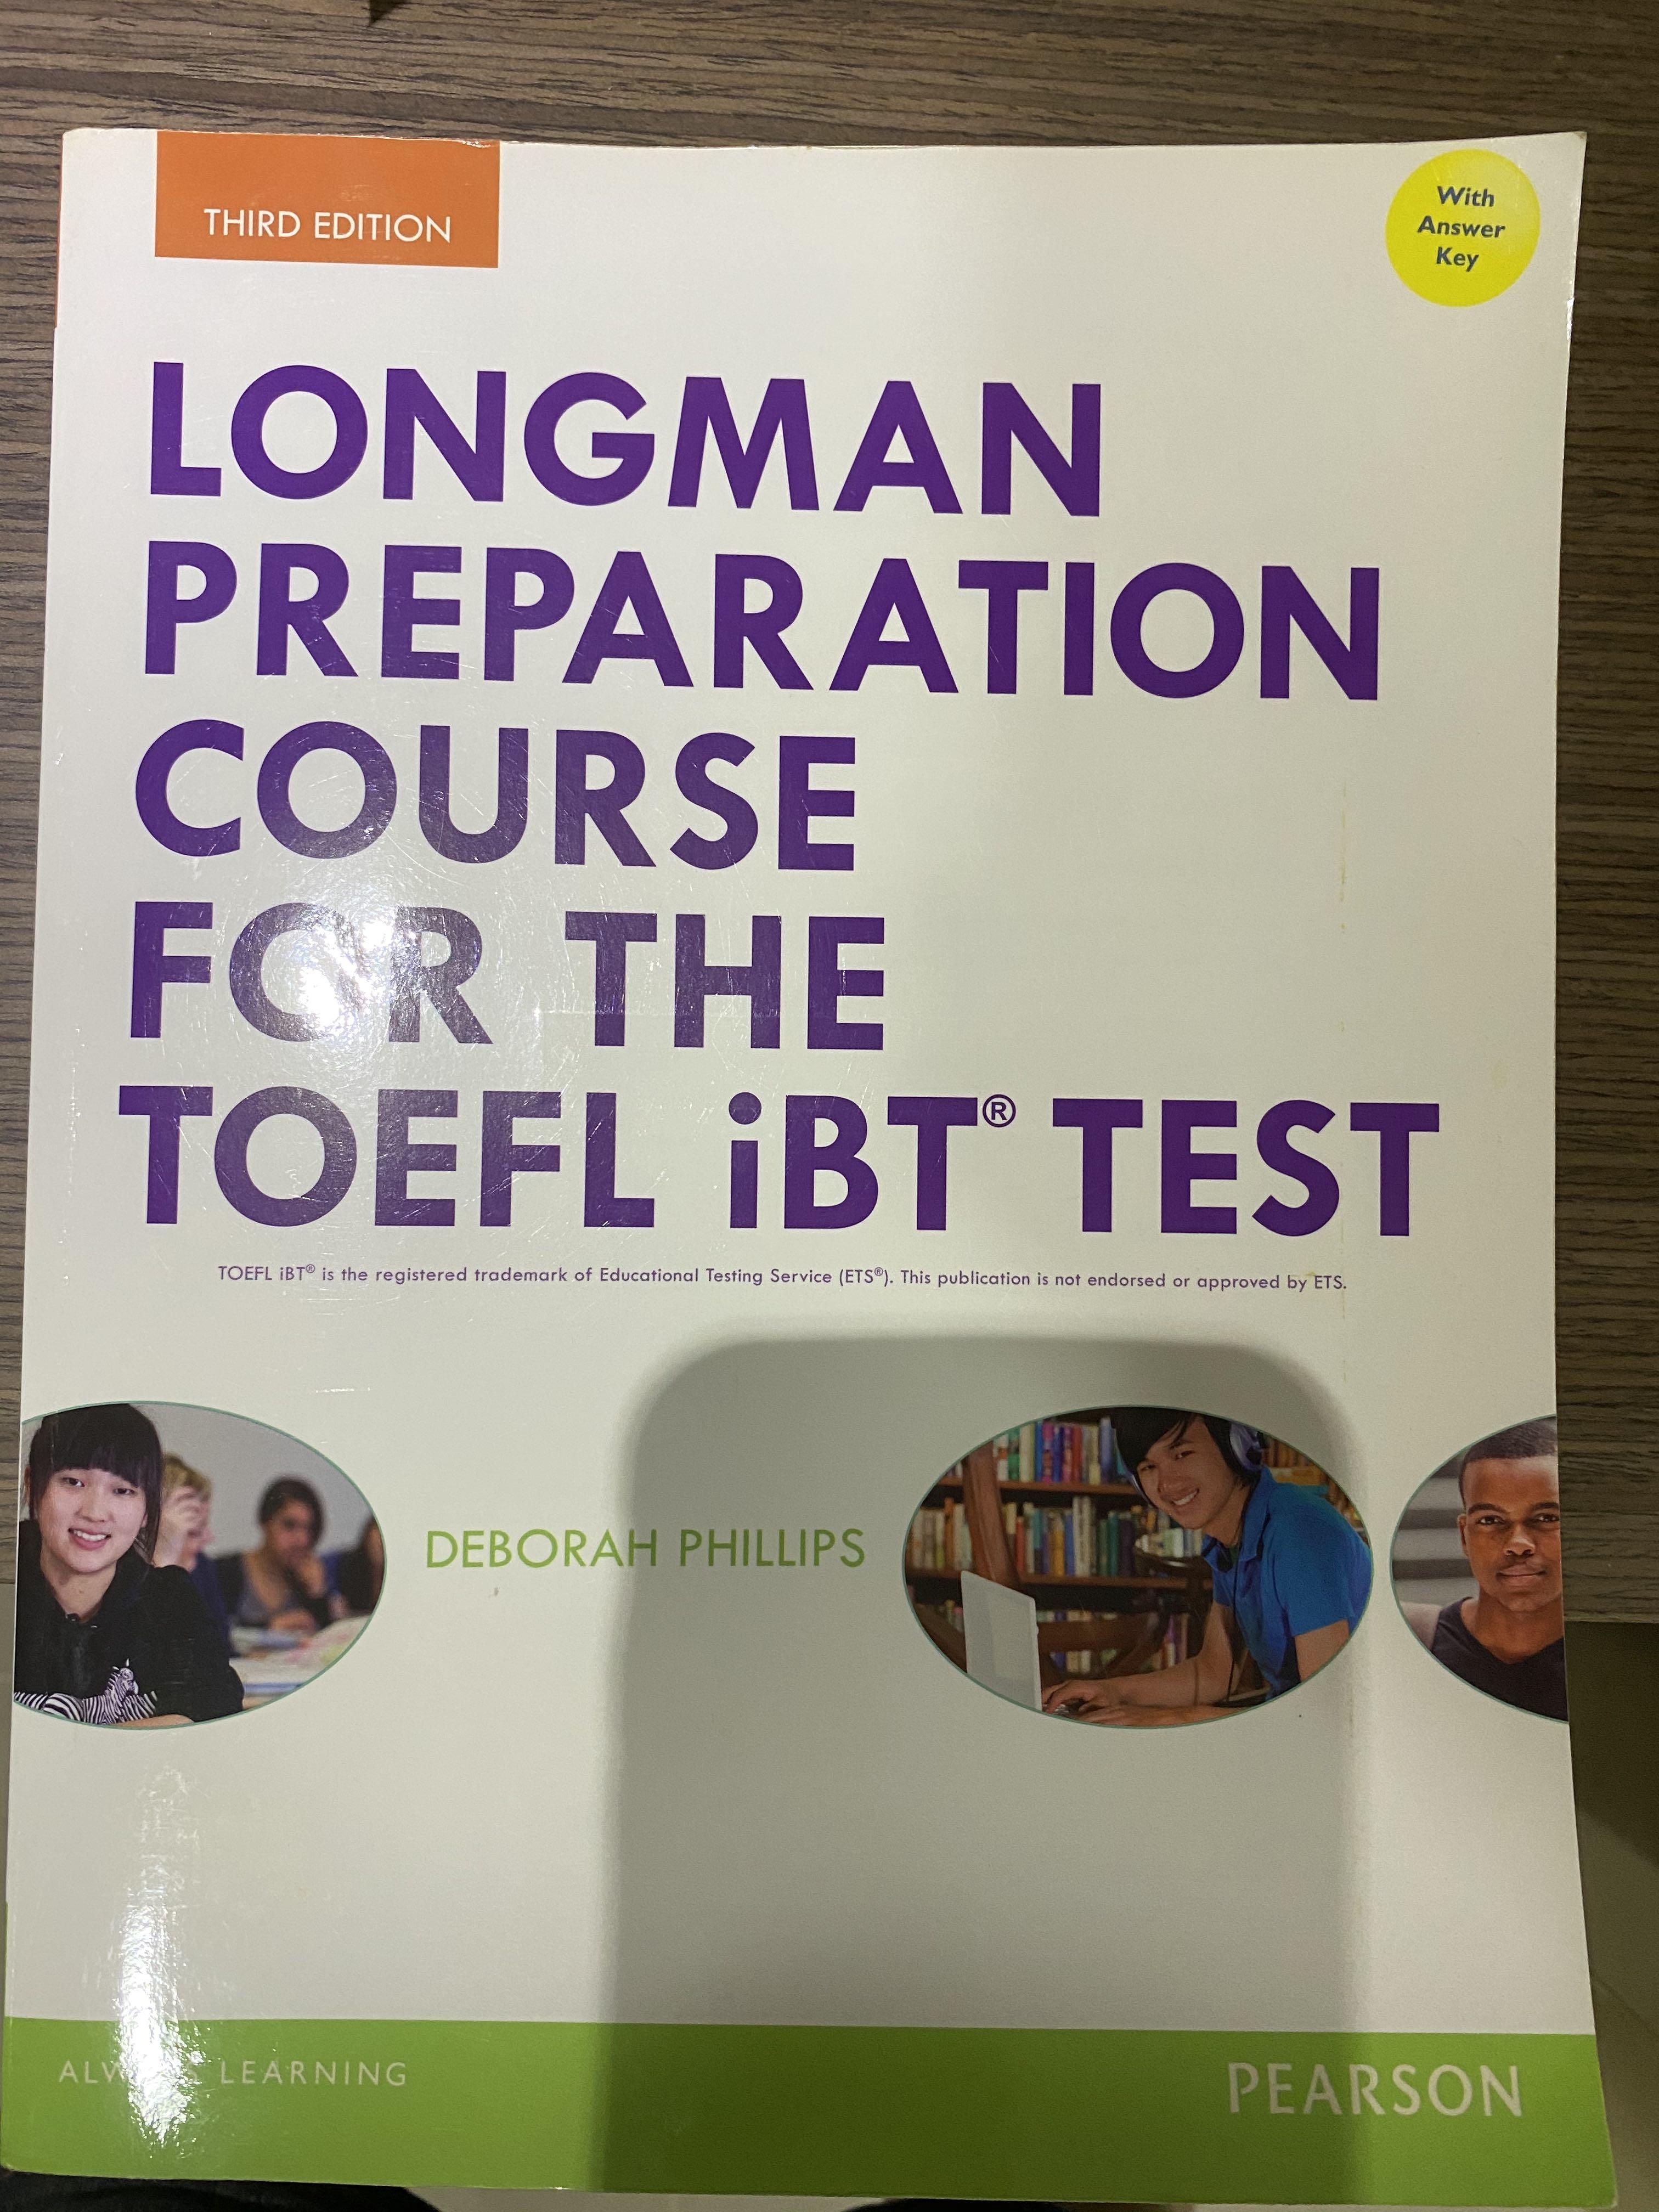 托福 Longman preparation course for the TOEFL iBT TEST